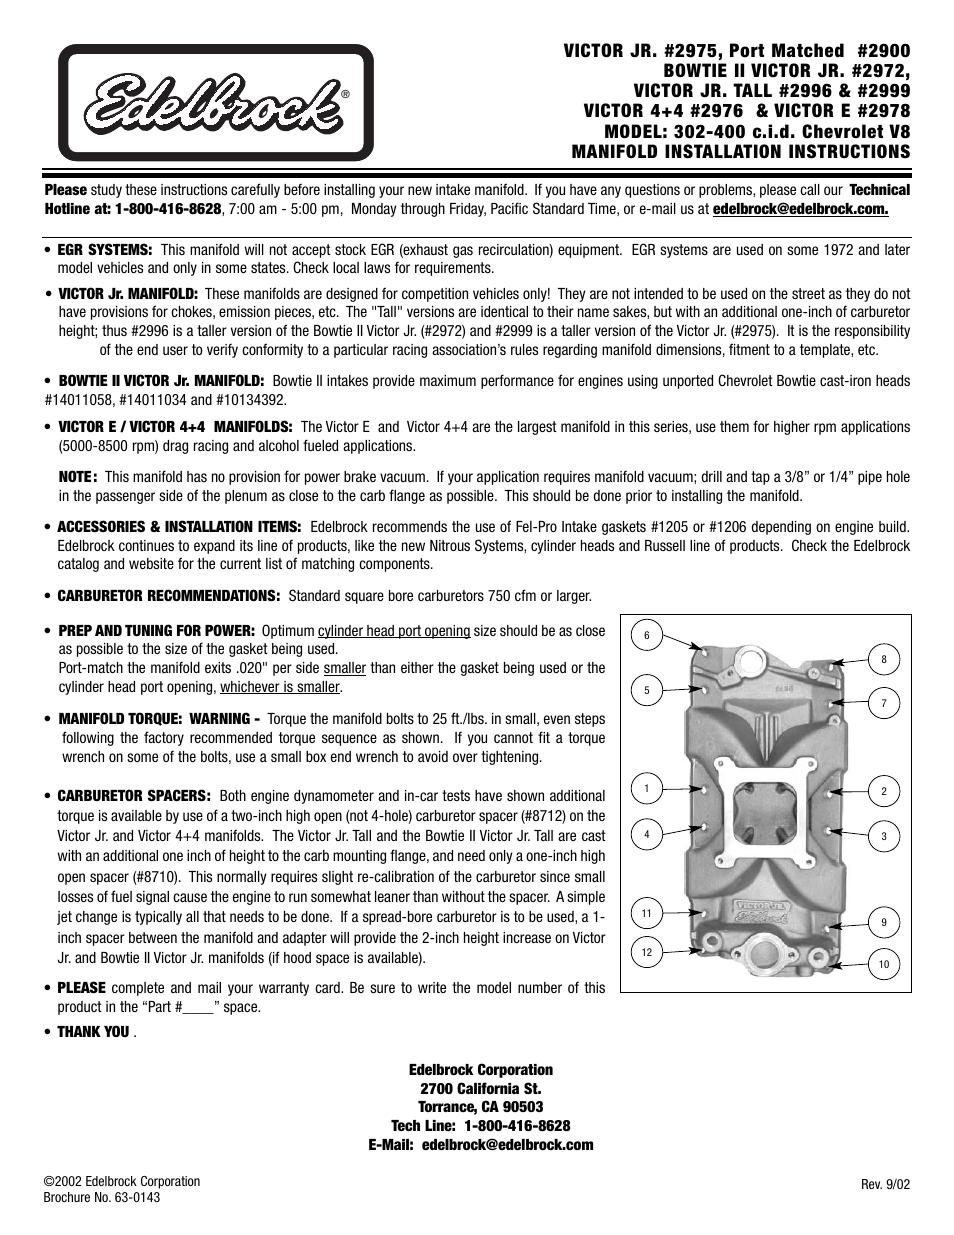 Edelbrock CHEVROLET V8 302-400 C I D  User Manual | 1 page